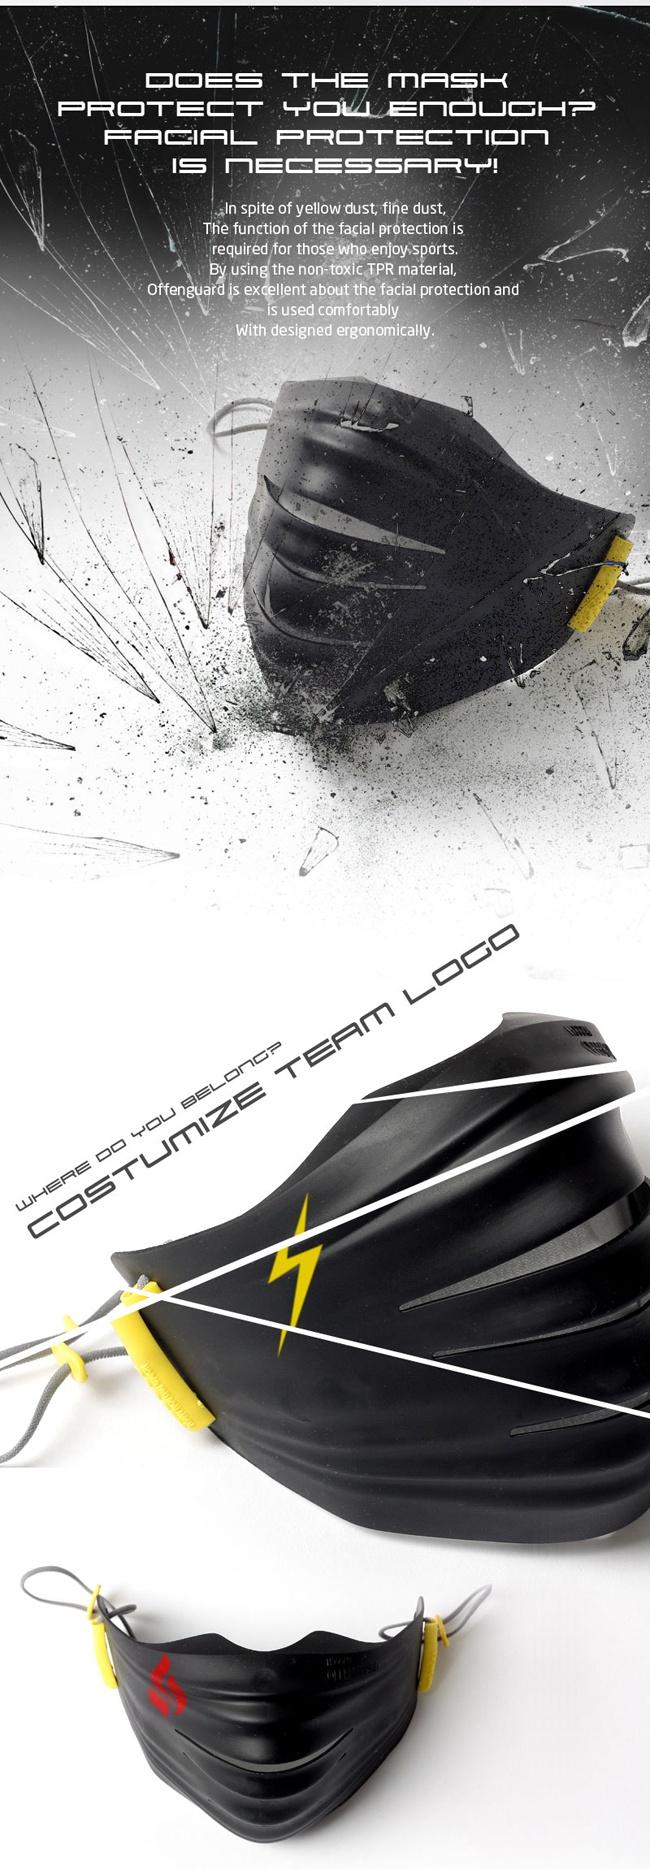 Khẩu trang Intech Hàn Quốc HOOOAH Mask OFN BOX - Yellow